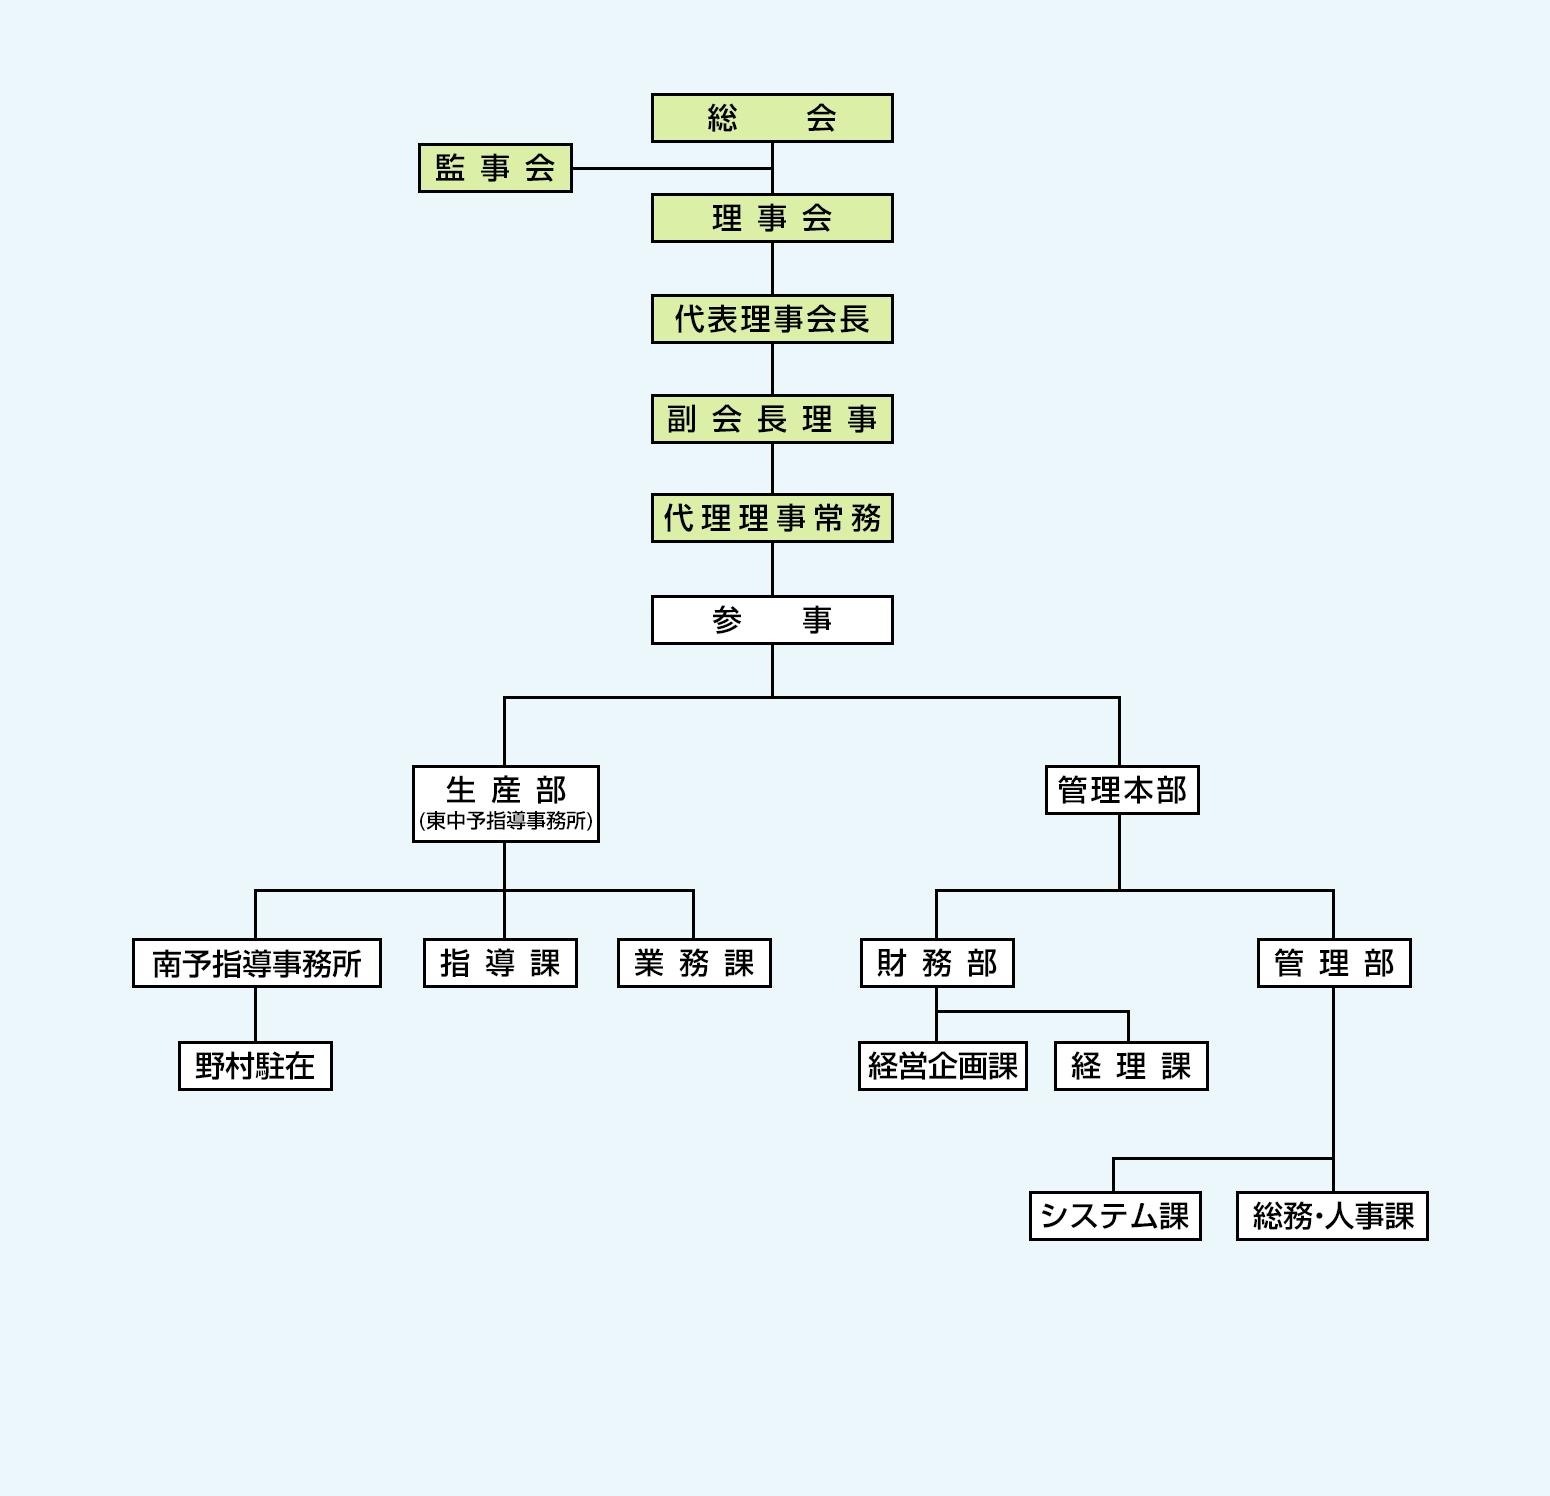 図:組織図